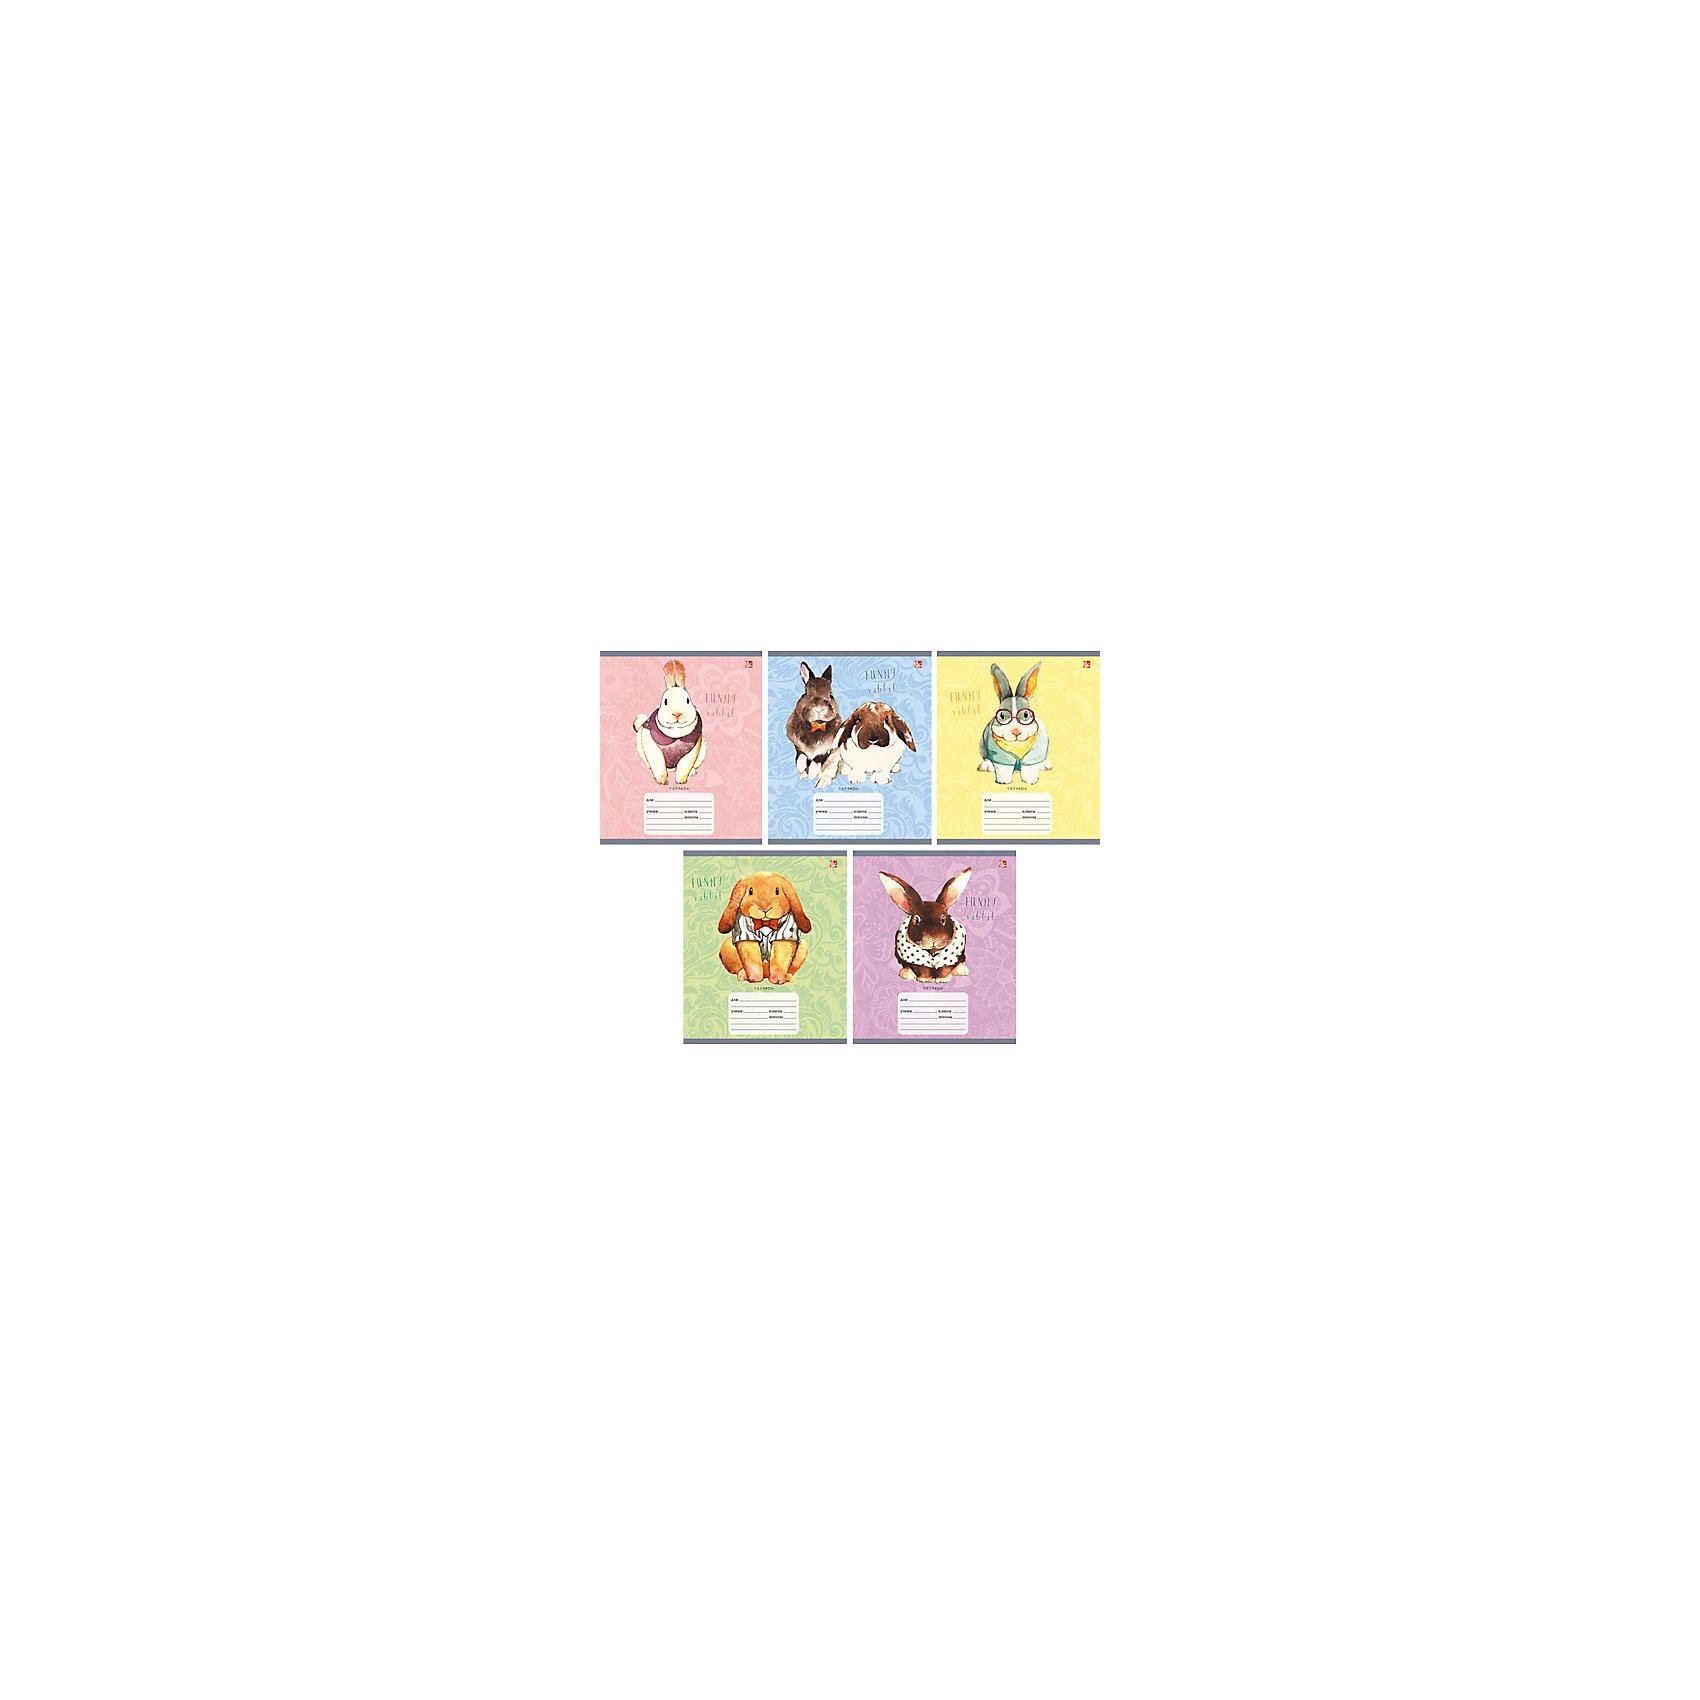 Тетрадь в клетку Модные кролики, 12л, 5 штМодные кролики - замечательный набор тетрадей в клетку. В каждой тетради 12 листов, обложки с разным оформлением с забавными крольчатами. С такими тетрадками ребенок будет ходить в школу с удовольствием!<br><br>Дополнительная информация:<br>Обложка: мелованный картон<br>Количество листов: 12<br>Количество тетрадей: 5<br>Скрепление: скрепка<br>Бумага: офсет, плотностью 60 г/м2<br>Тетради в клетку Модные кролики можно купить в нашем интернет-магазине.<br><br>Ширина мм: 210<br>Глубина мм: 148<br>Высота мм: 3<br>Вес г: 39<br>Возраст от месяцев: 72<br>Возраст до месяцев: 2147483647<br>Пол: Унисекс<br>Возраст: Детский<br>SKU: 4942484